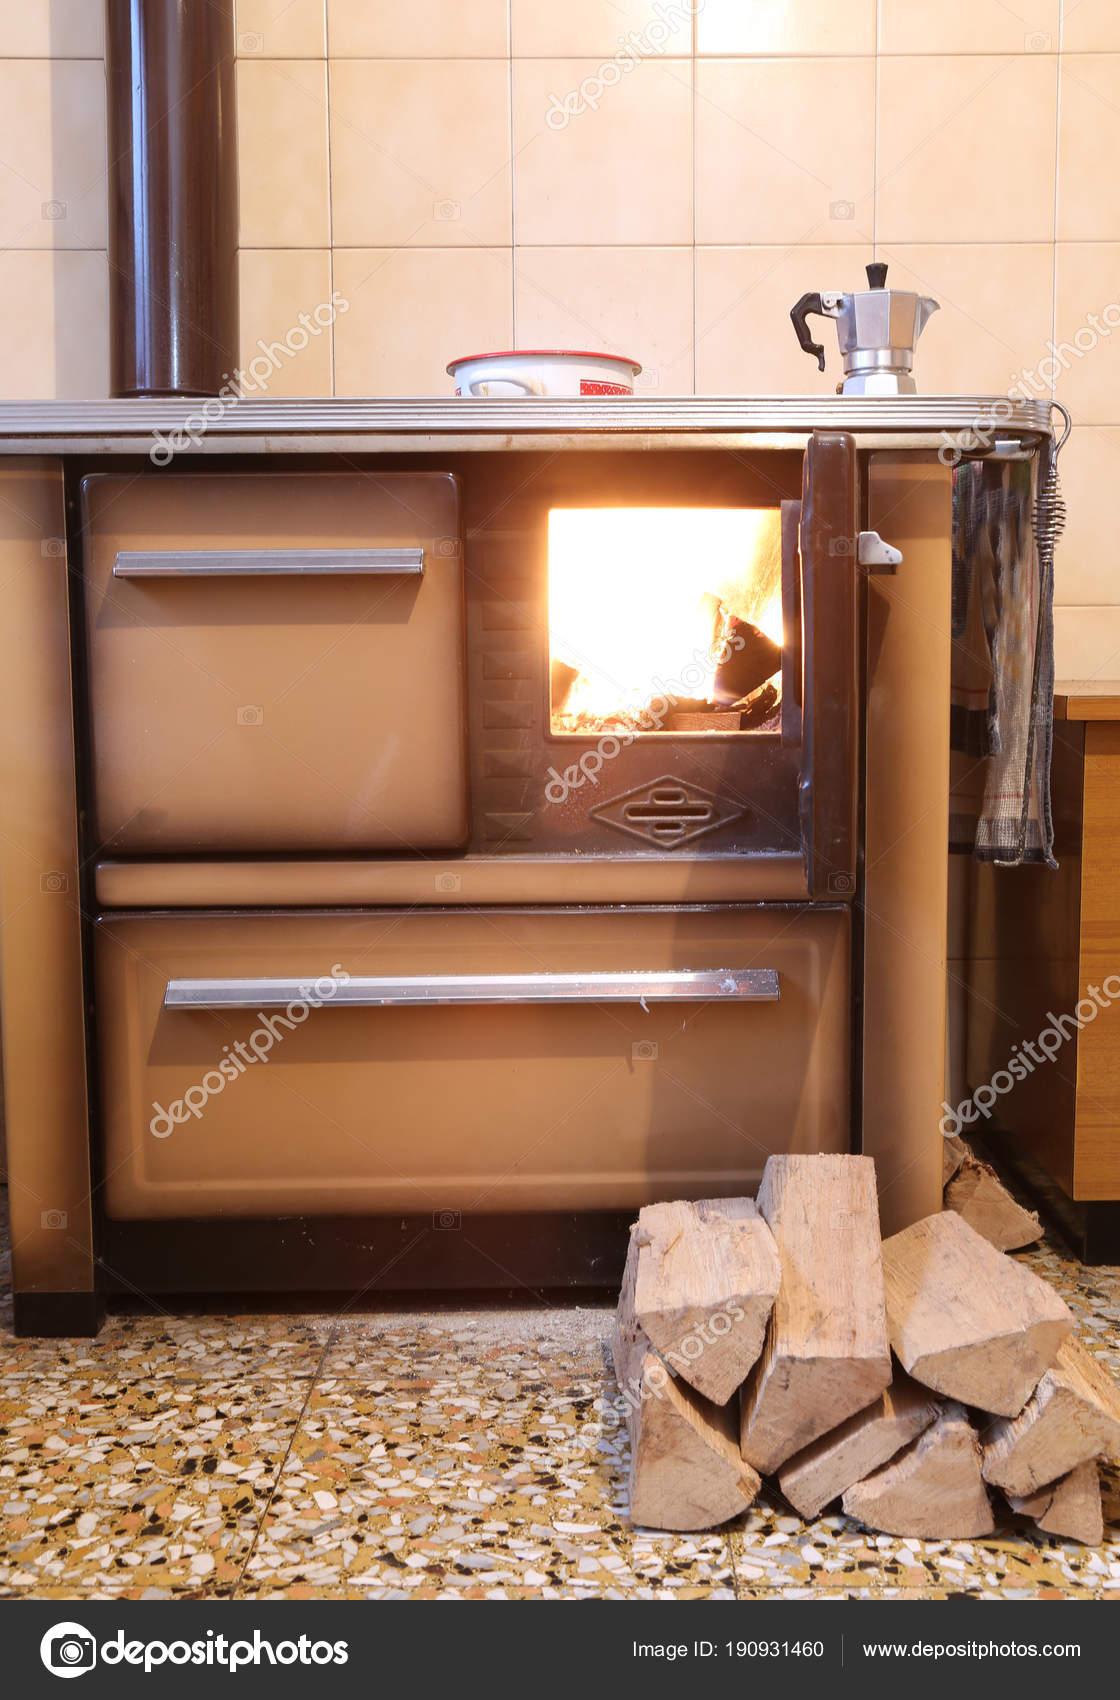 alten Holzofen in der Küche eines Hauses in den Bergen — Stockfoto ...